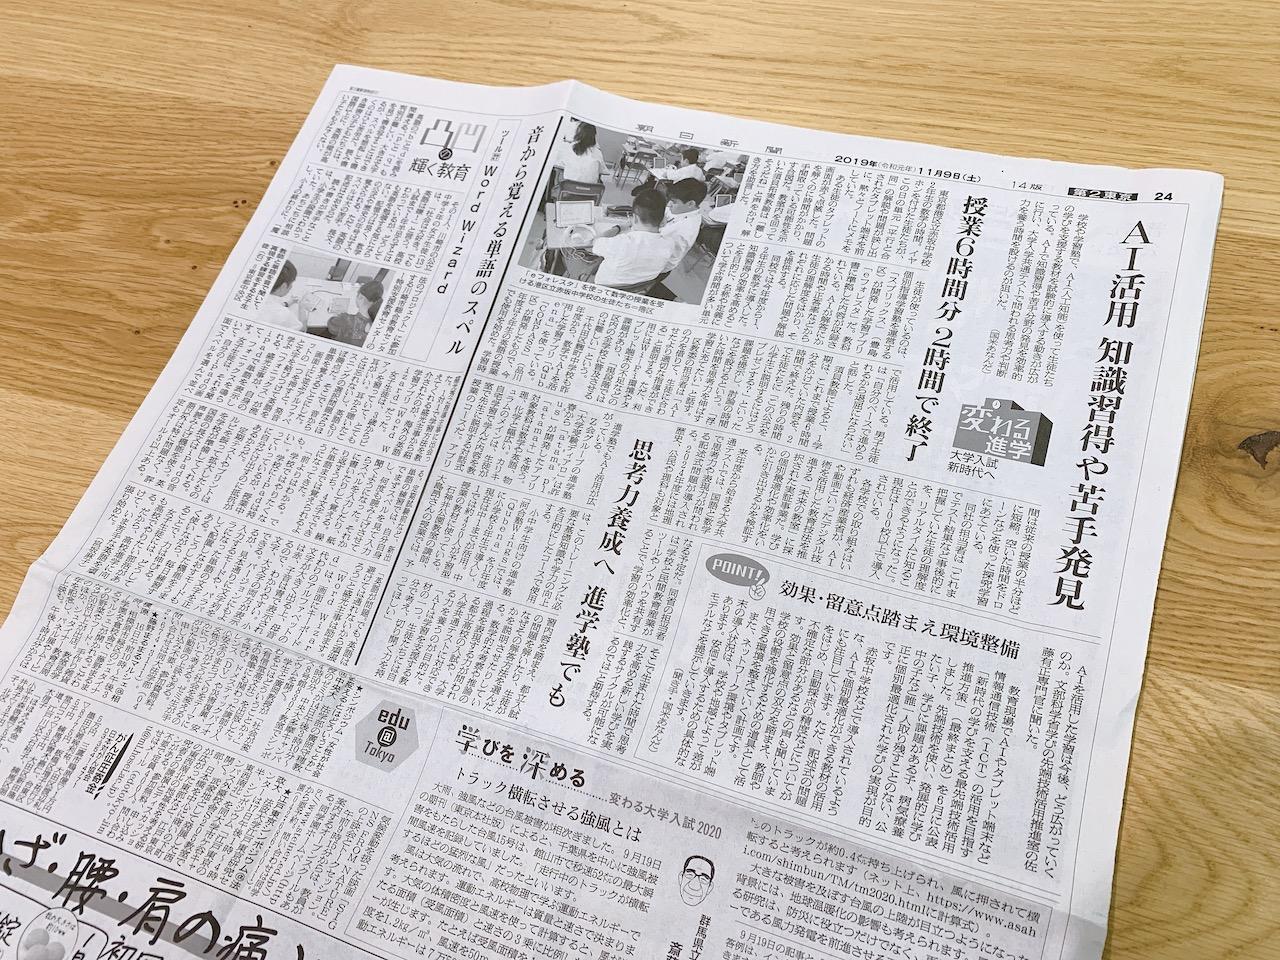 11月9日朝日新聞朝刊